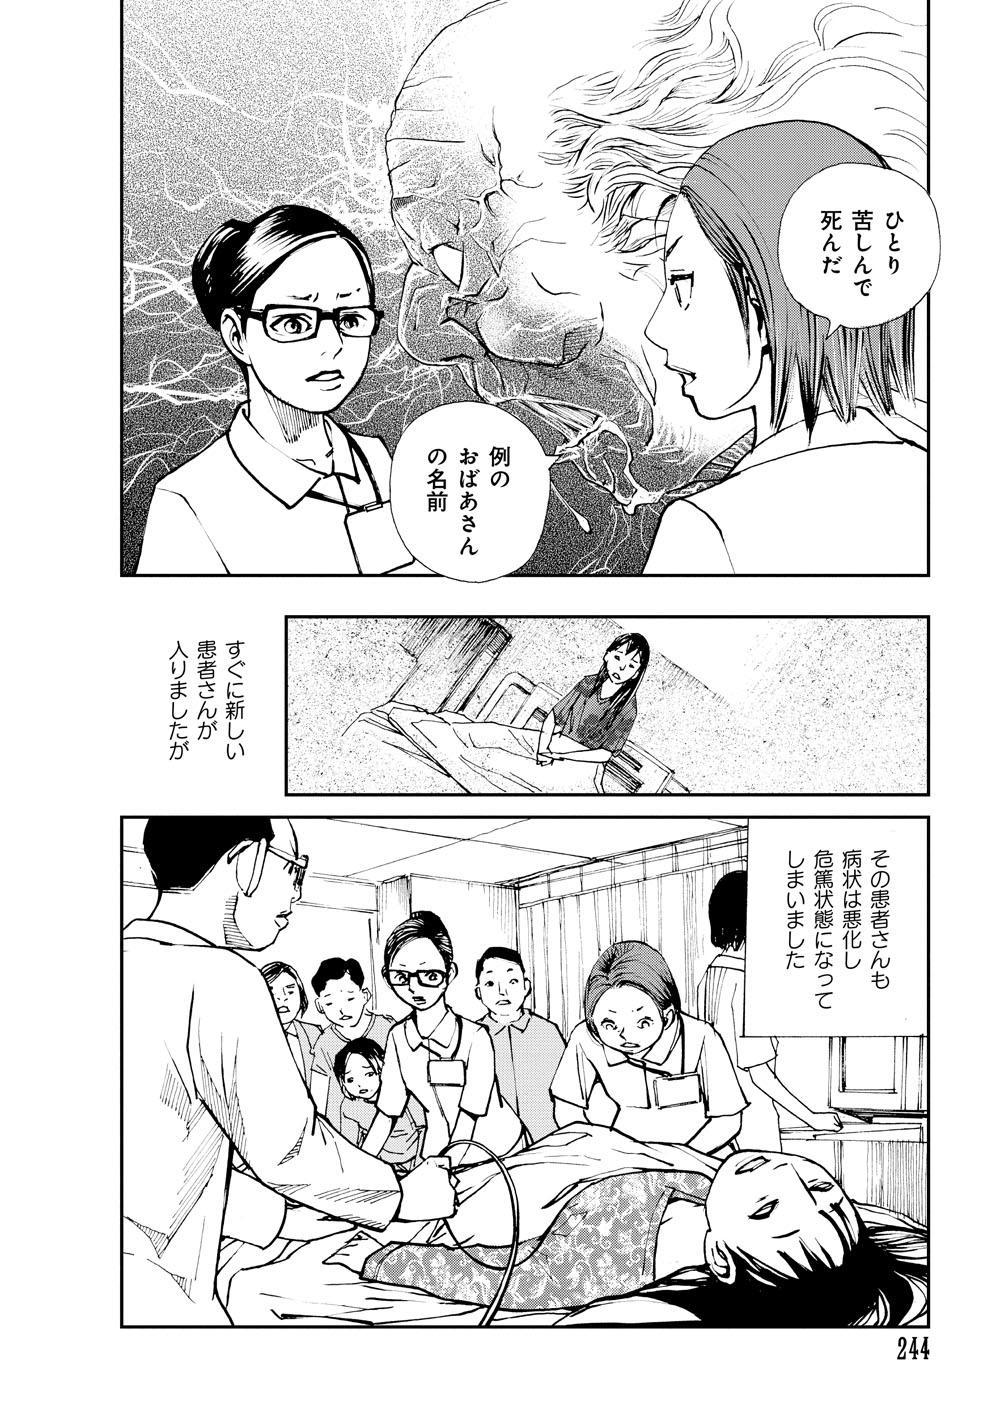 テレビ版_ほん怖_244.jpg